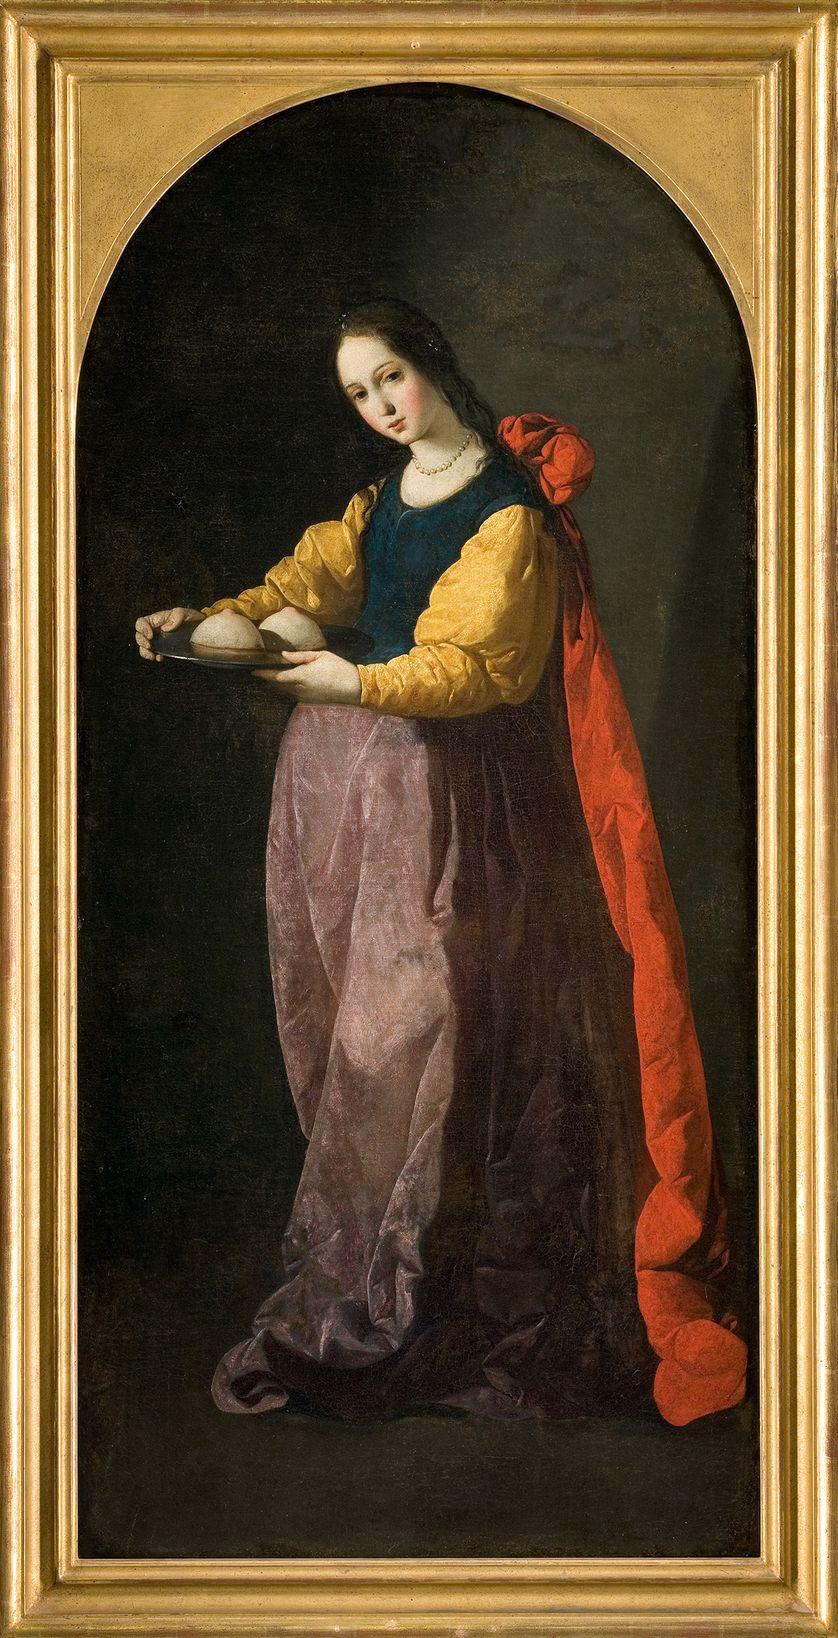 """Sainte-Agathe de Catane, vierge et matyre chrétienne, dont l'une des tortures fut de se faire arracher les seins, et dont la légende est contée par Jacques de Voragine dans """"La Légende dorée"""""""